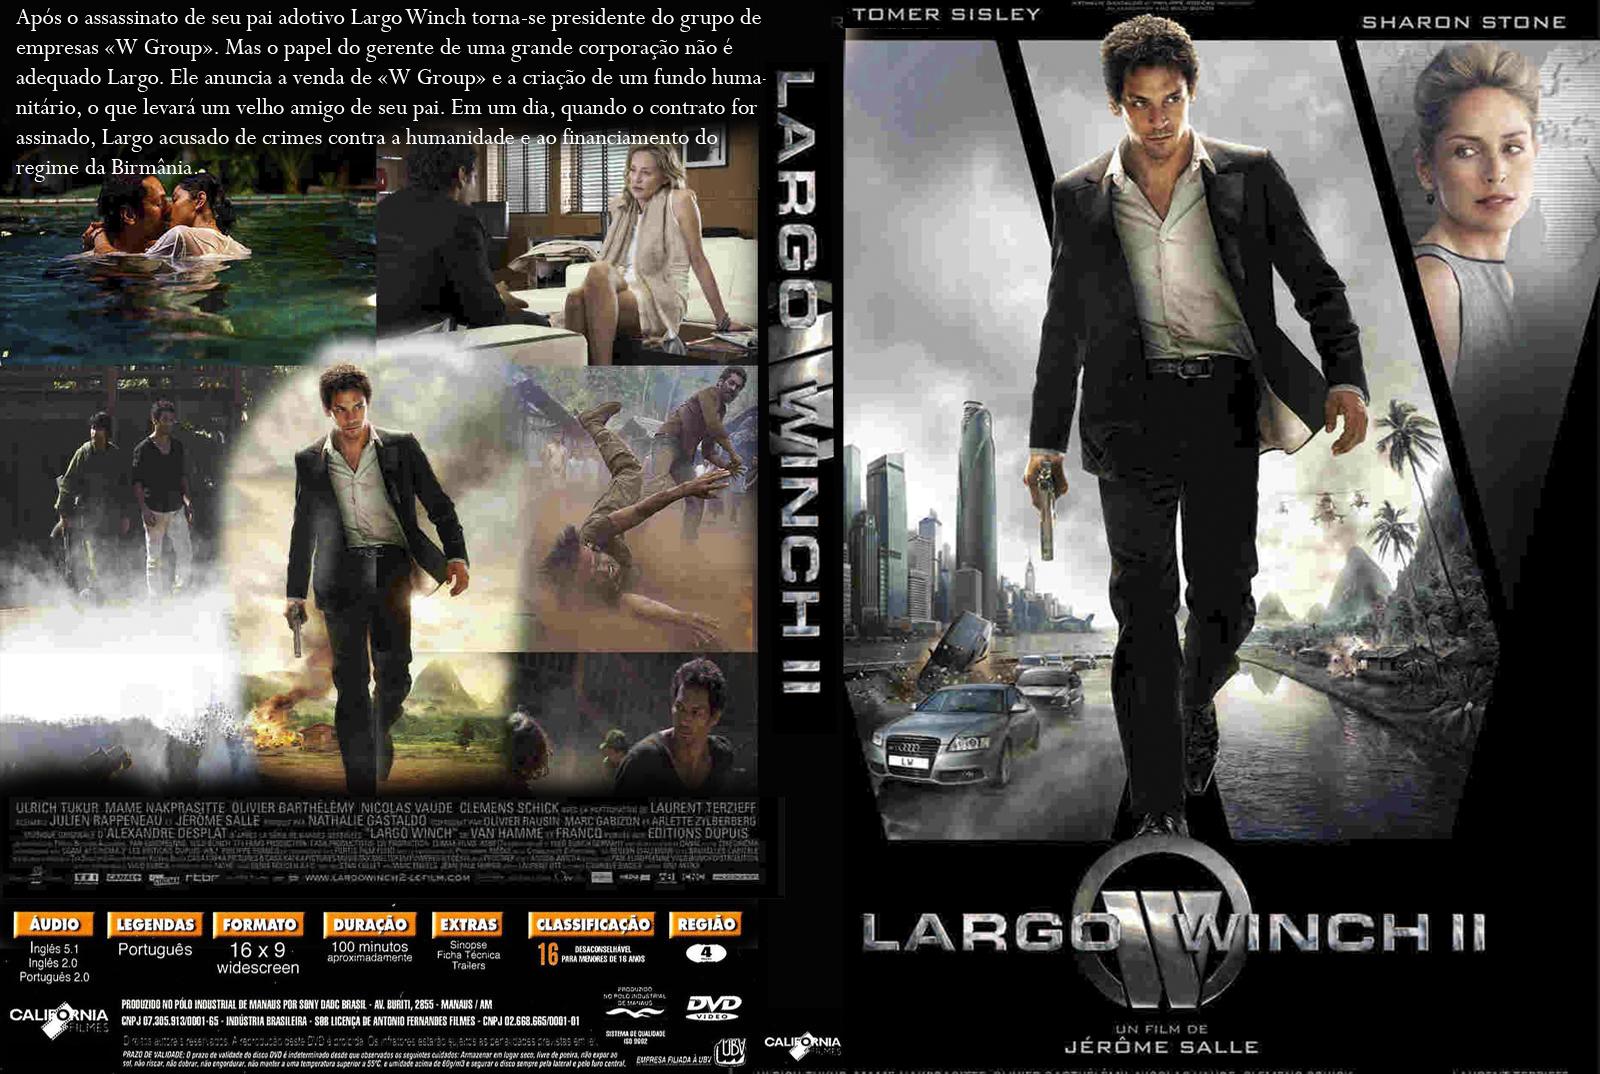 http://2.bp.blogspot.com/-JjOjBLzuEWk/Tgjj9XCiEjI/AAAAAAAAAQ4/hI9RK7T-YYs/s1600/Largo+Winch+2+-+coversbr.jpg